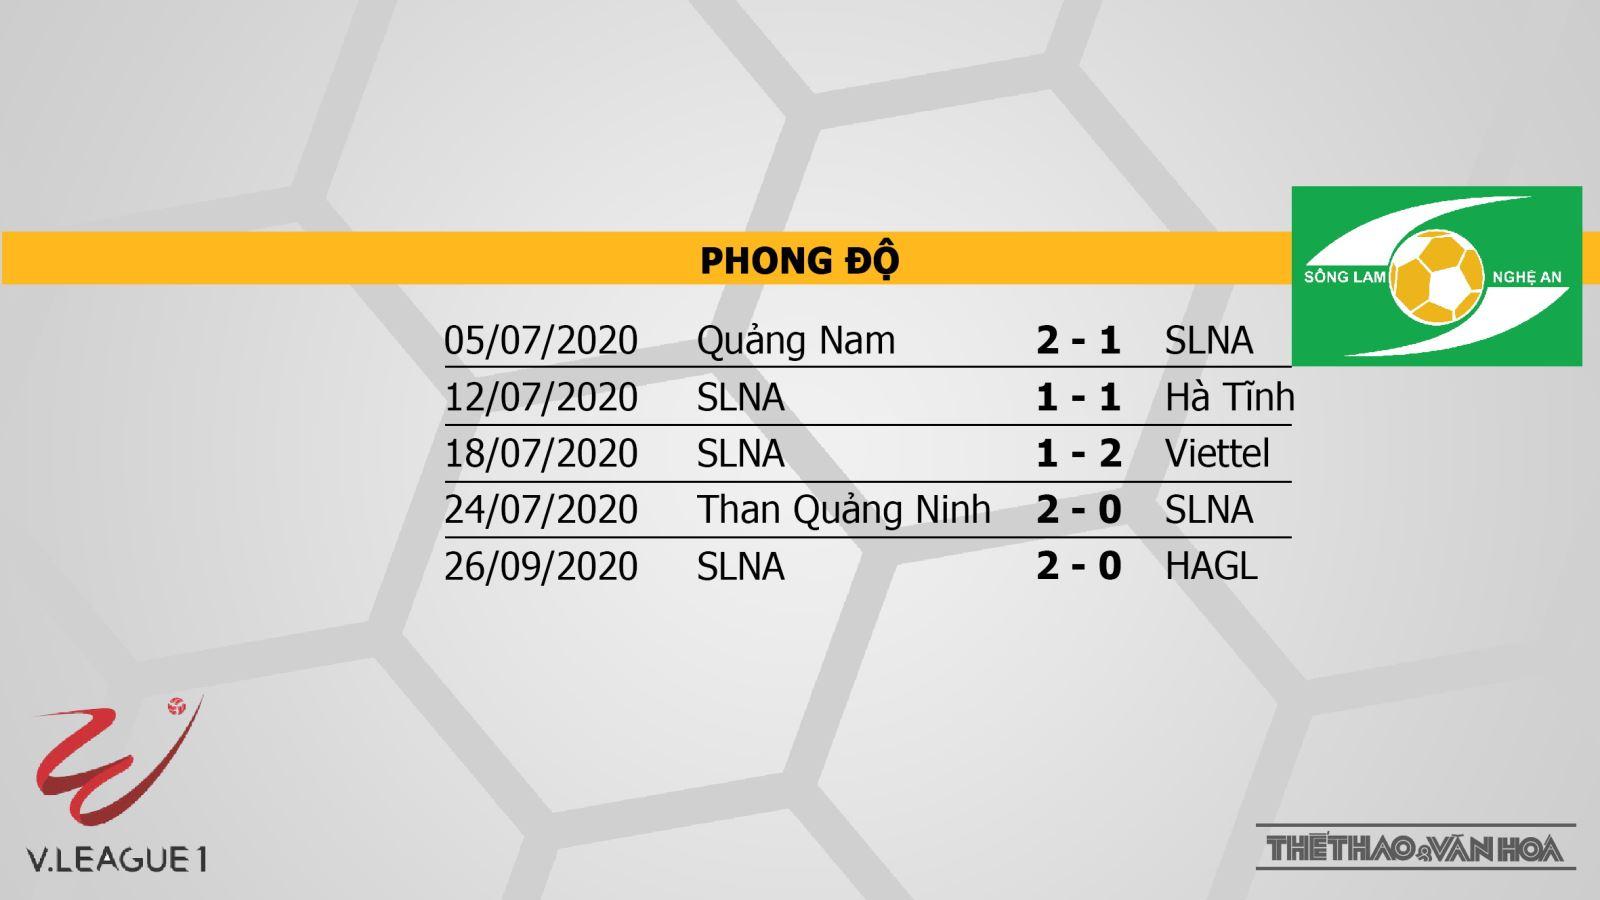 Keo nha cai, kèo nhà cái, Soi kèo bóng đá, Hải Phòng vs SLNA, VTC3, Trực tiếp Hải Phòng đấu với SLNA, Lịch thi đấu V-League vòng 13, Trực tiếp bóng đá Việt Nam